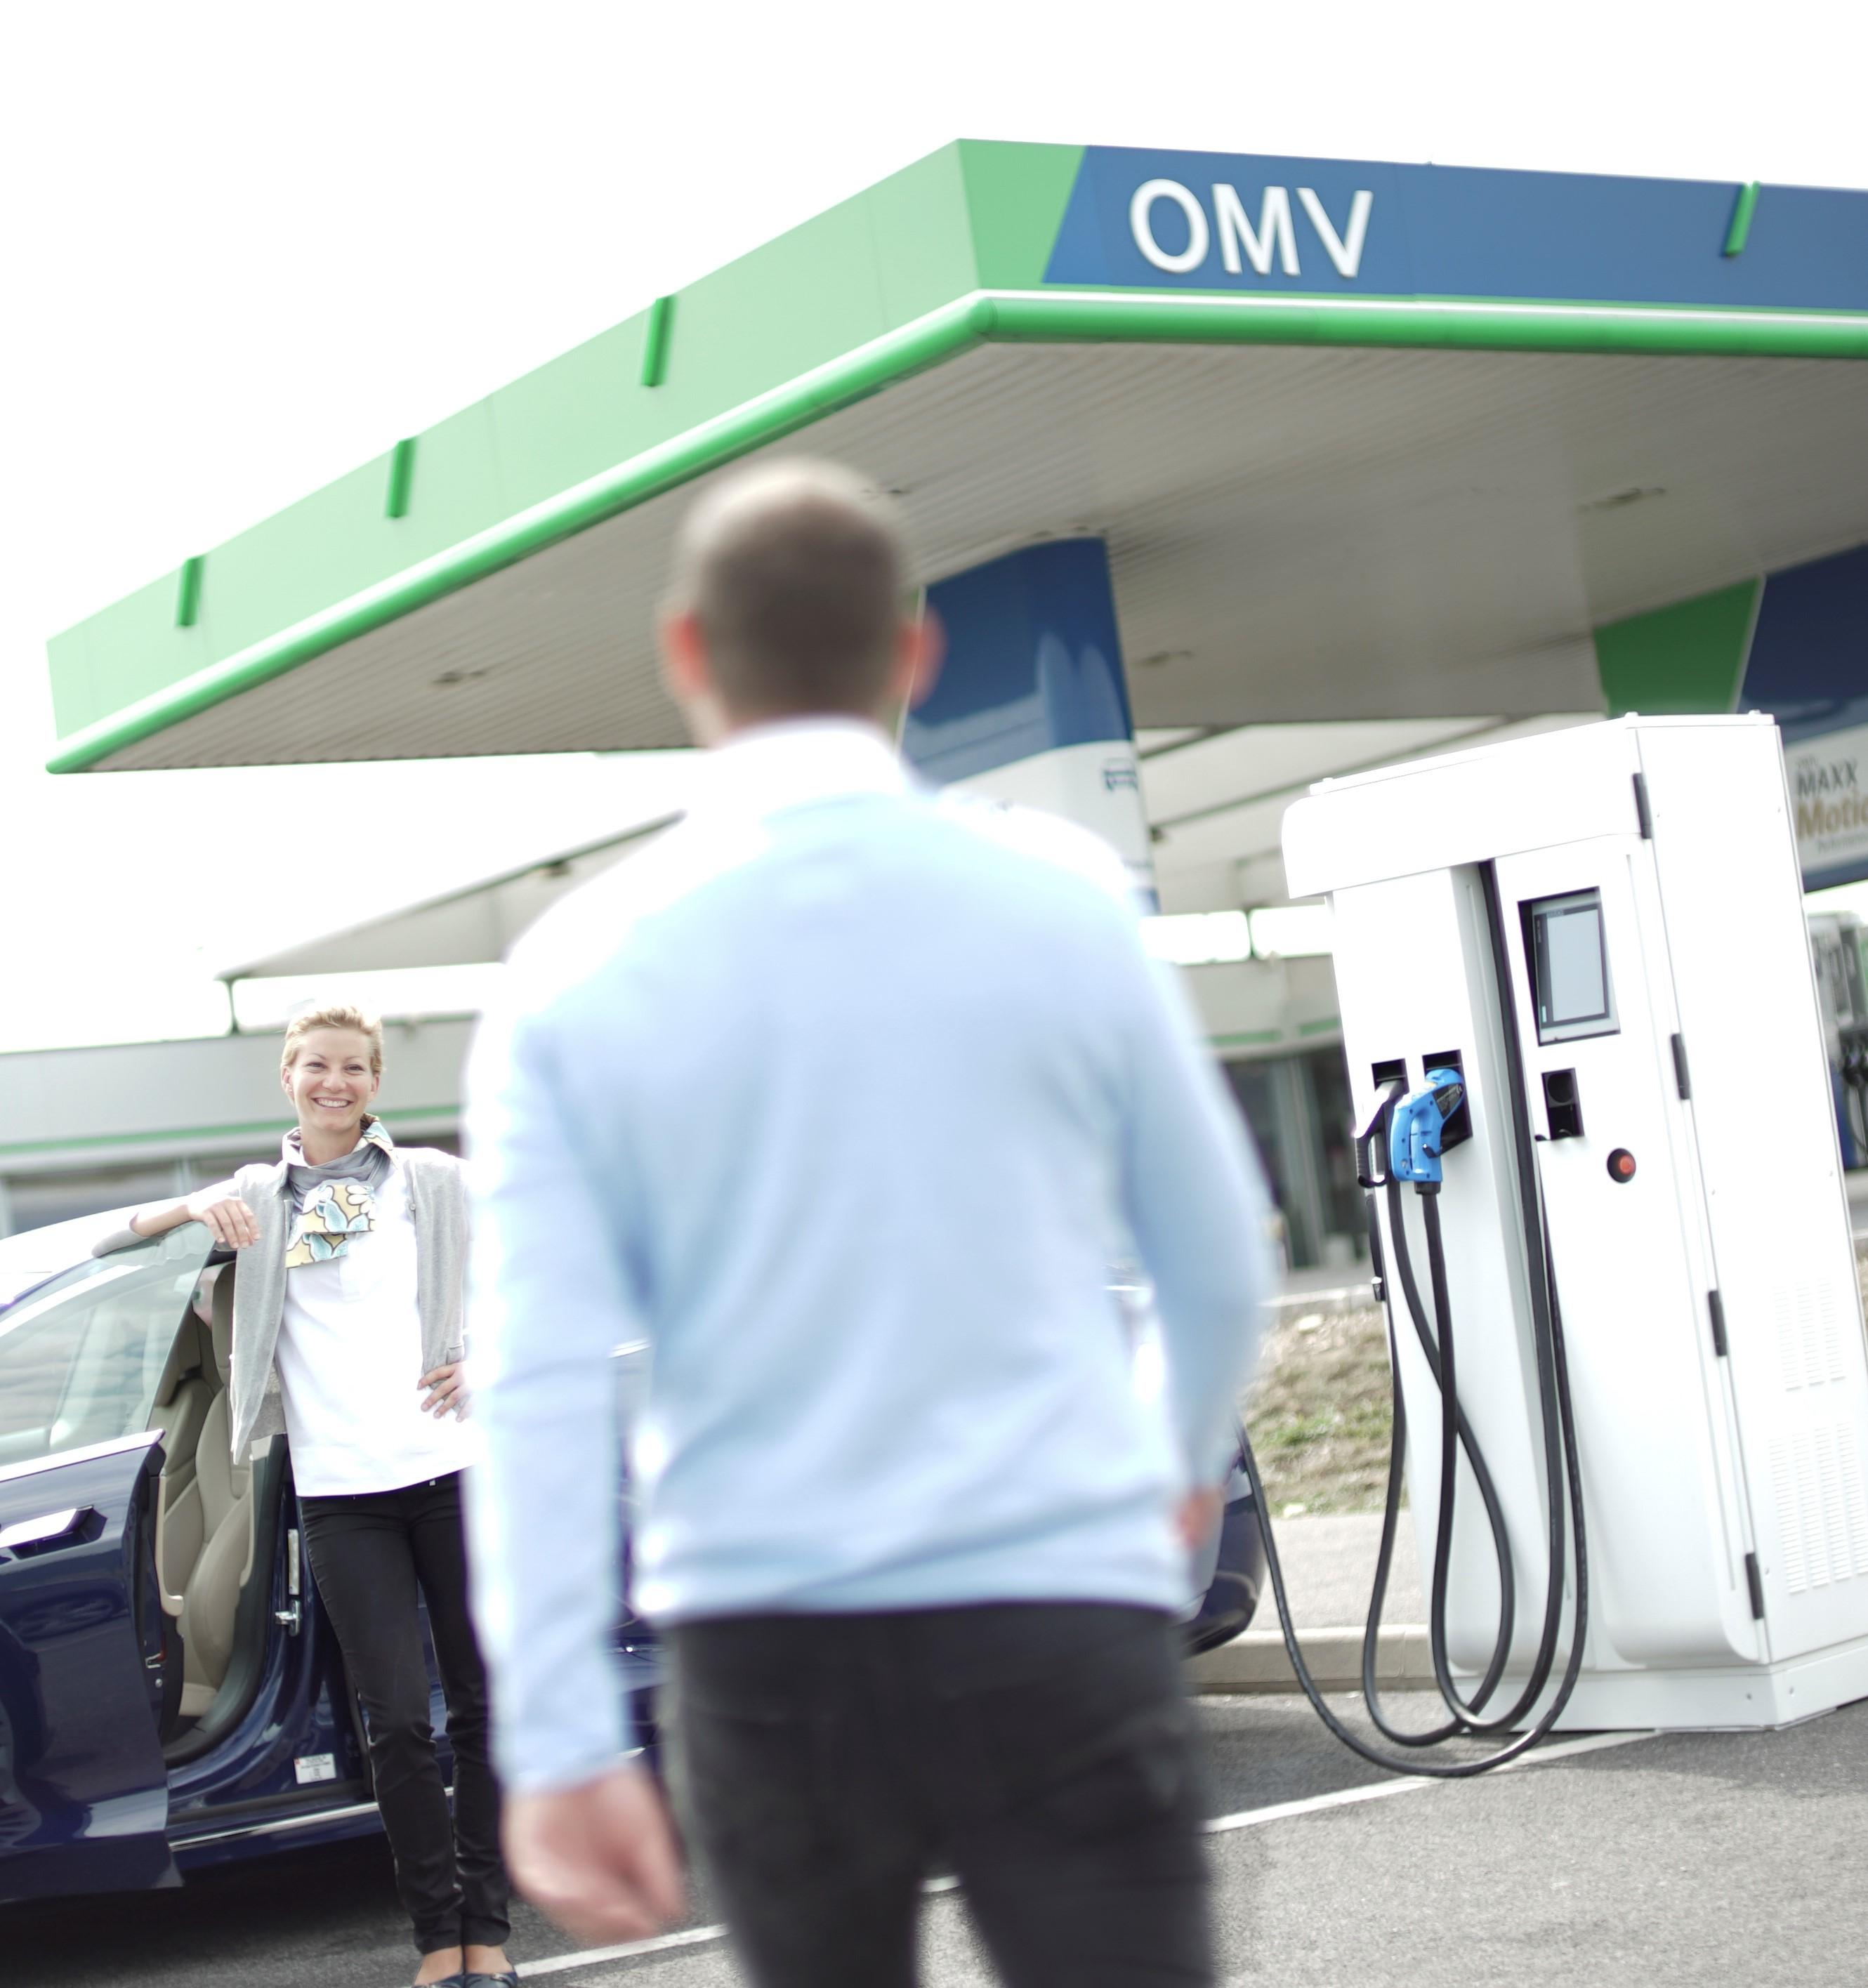 petrol station omv